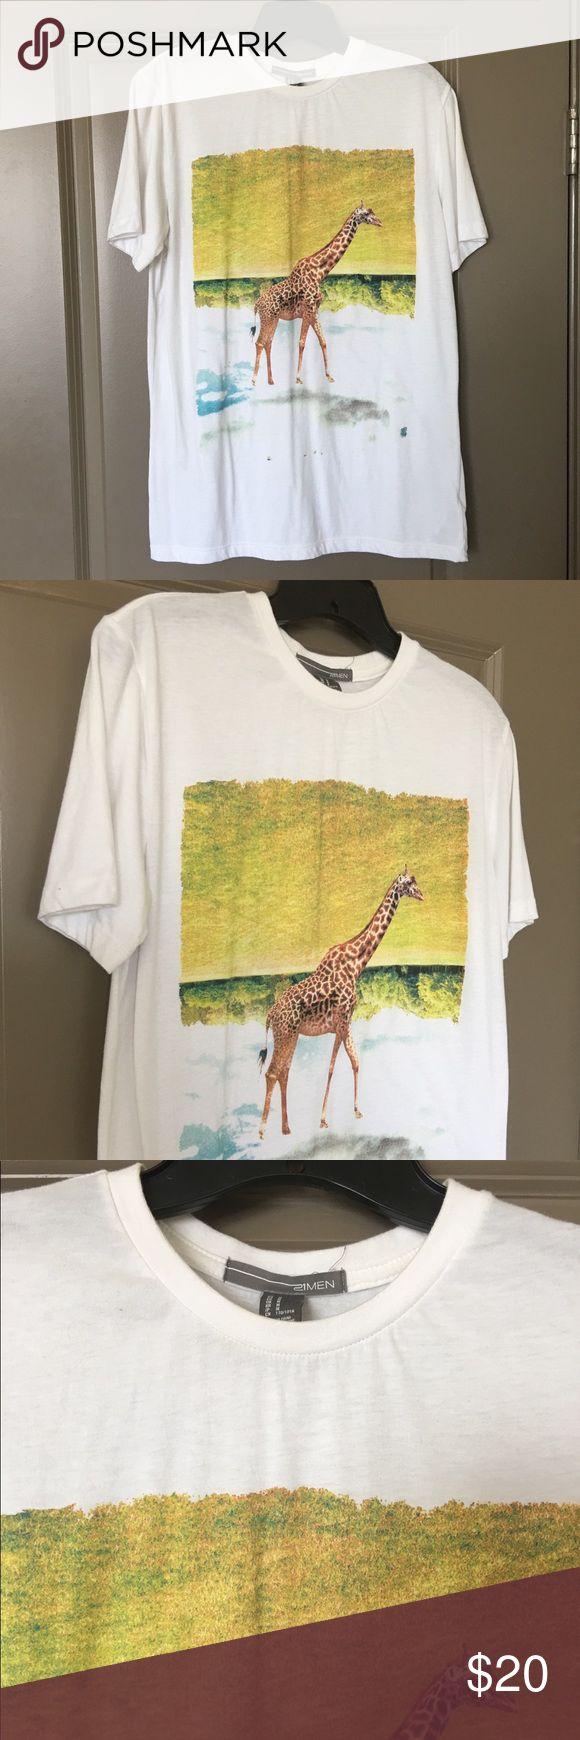 21 Men Giraffe T-Shirt 21 Men men's size M giraffe print t-shirt. NWOT. 21men Shirts Tees - Short Sleeve